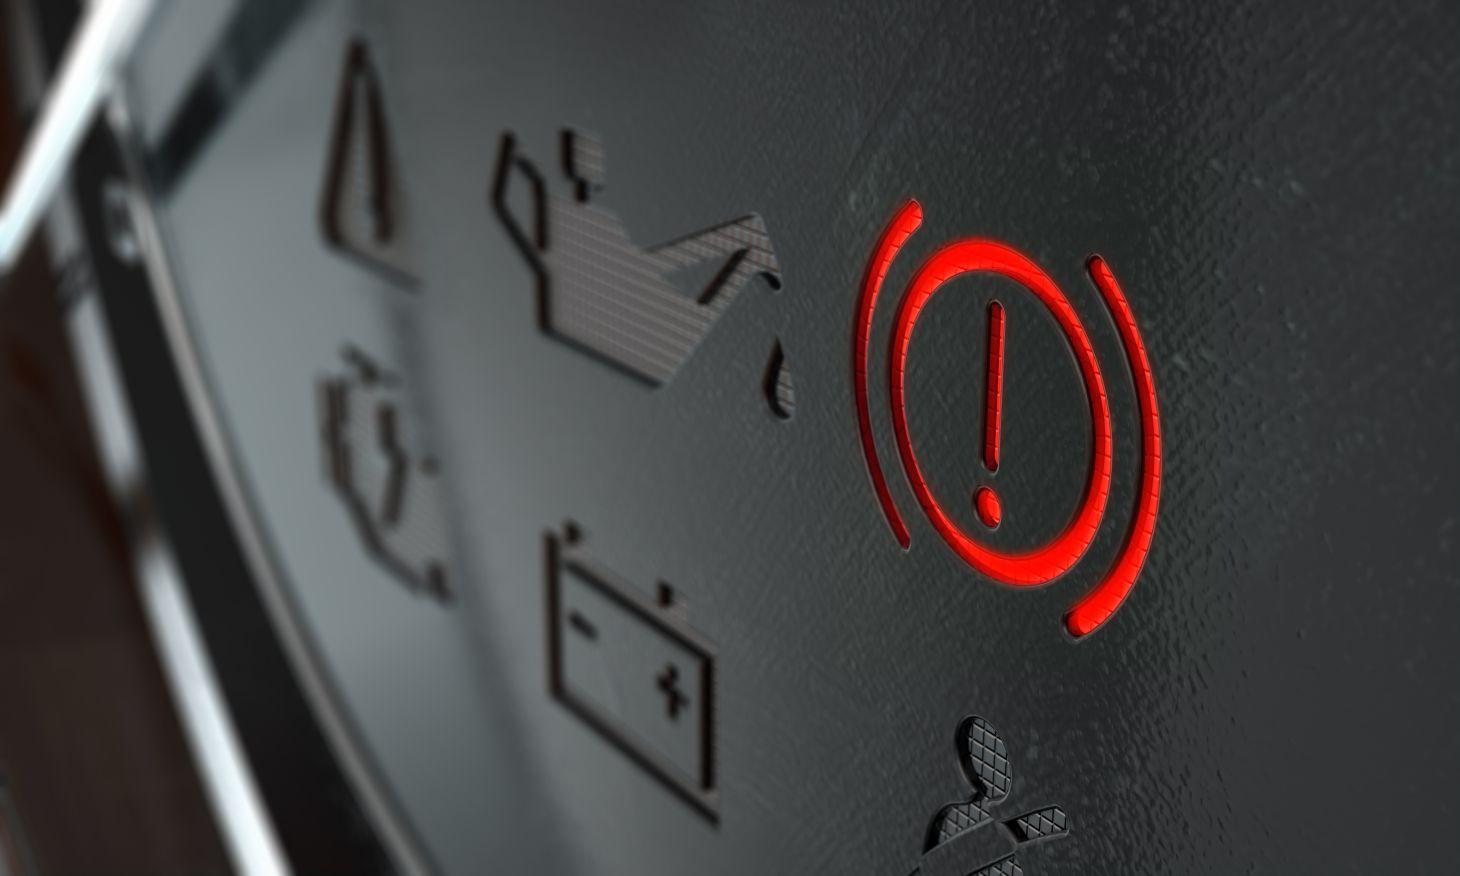 Luz de freio acesa no painel de instrumentos do carro em detalhe